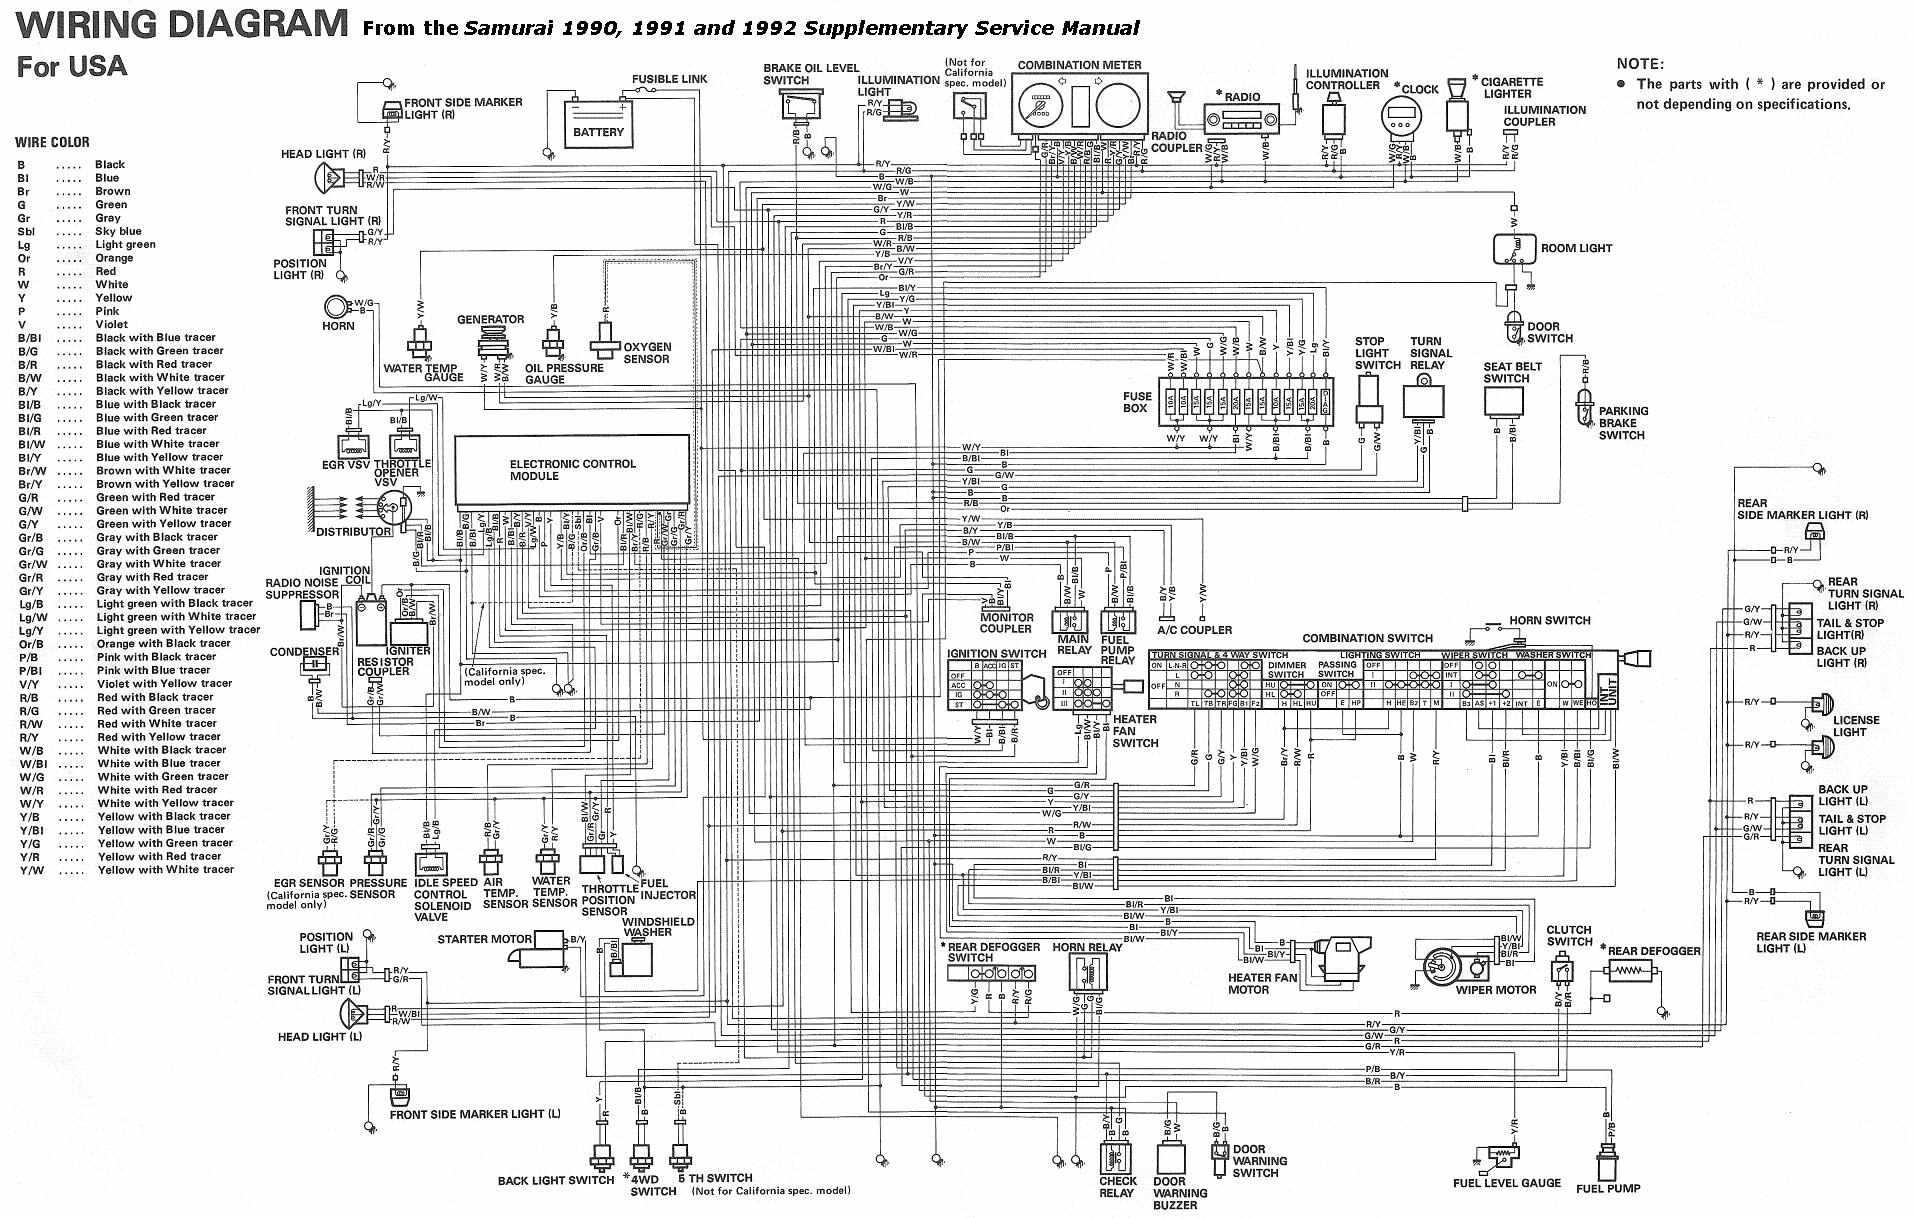 small resolution of suzuki gn400 wiring diagram suzuki sv650 wiring diagram suzuki motorcycle wiring diagrams suzuki sv650 fuel relay